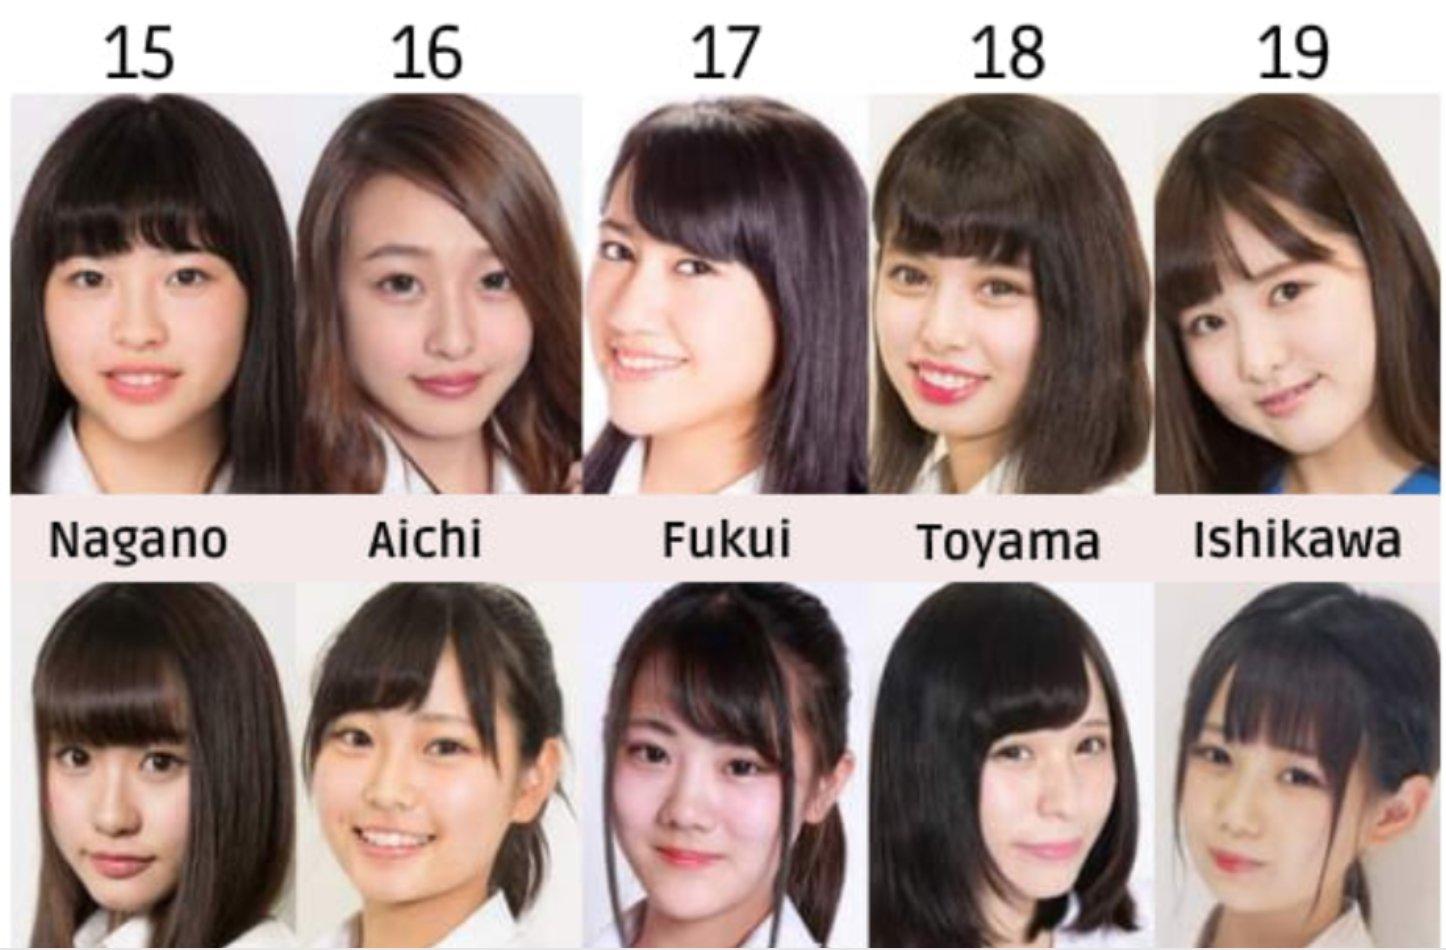 e89ea2e5b995e5bfabe785a7 2017 10 26 e4b88be58d883 56 53.png?resize=1200,630 - 日本高校生美女選拔賽,2018年度候選人出爐!每一位都超可愛,第一名更是清純可人...